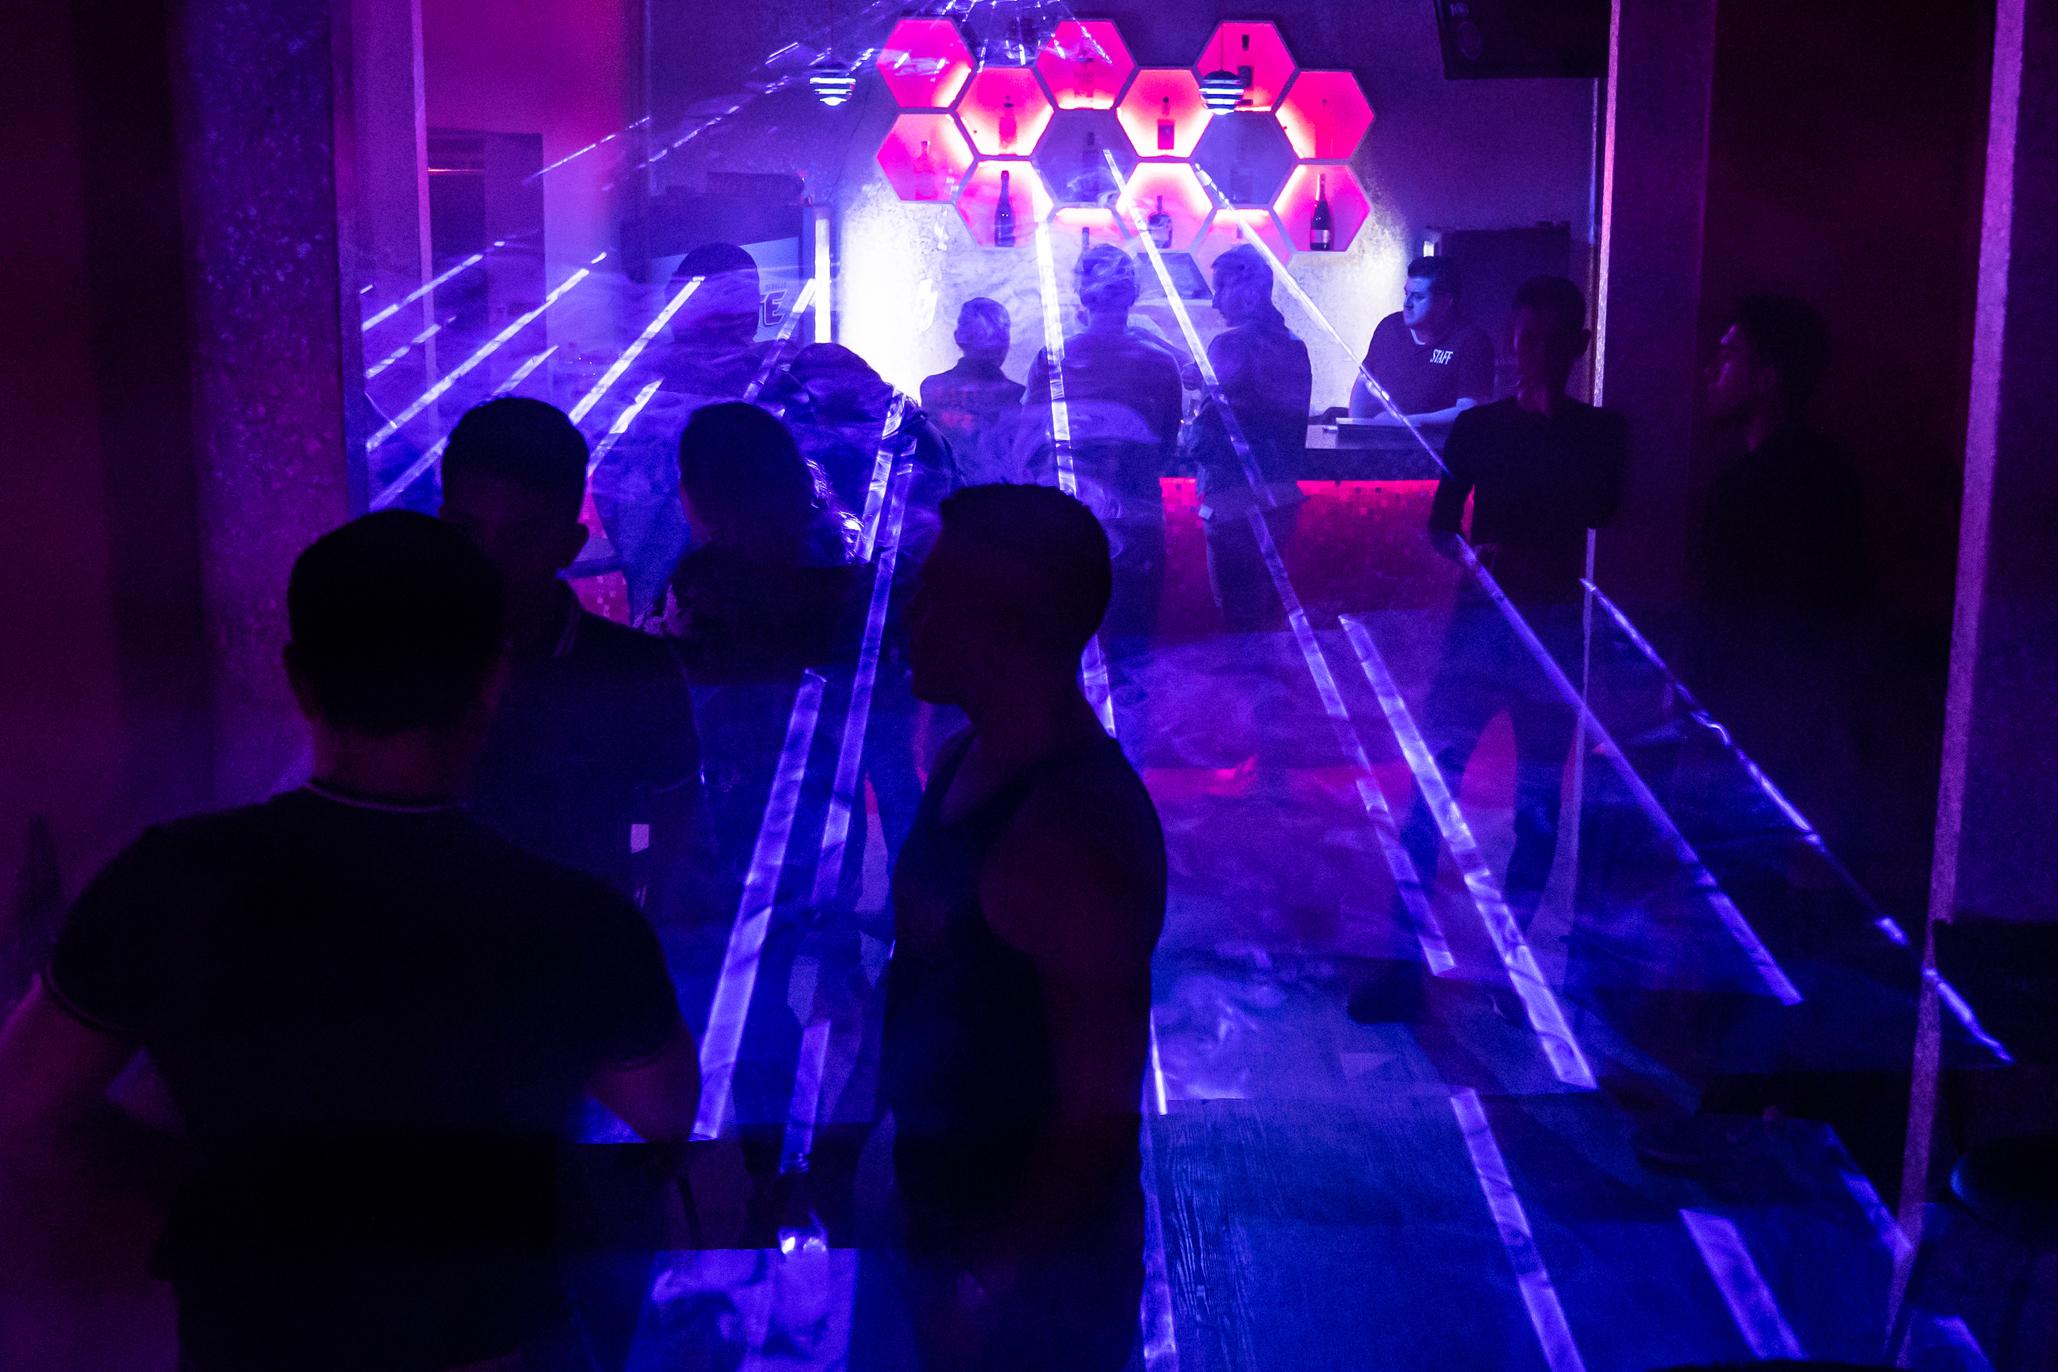 Malva club es el nuevo antro gay de musica electronica en zona rosa